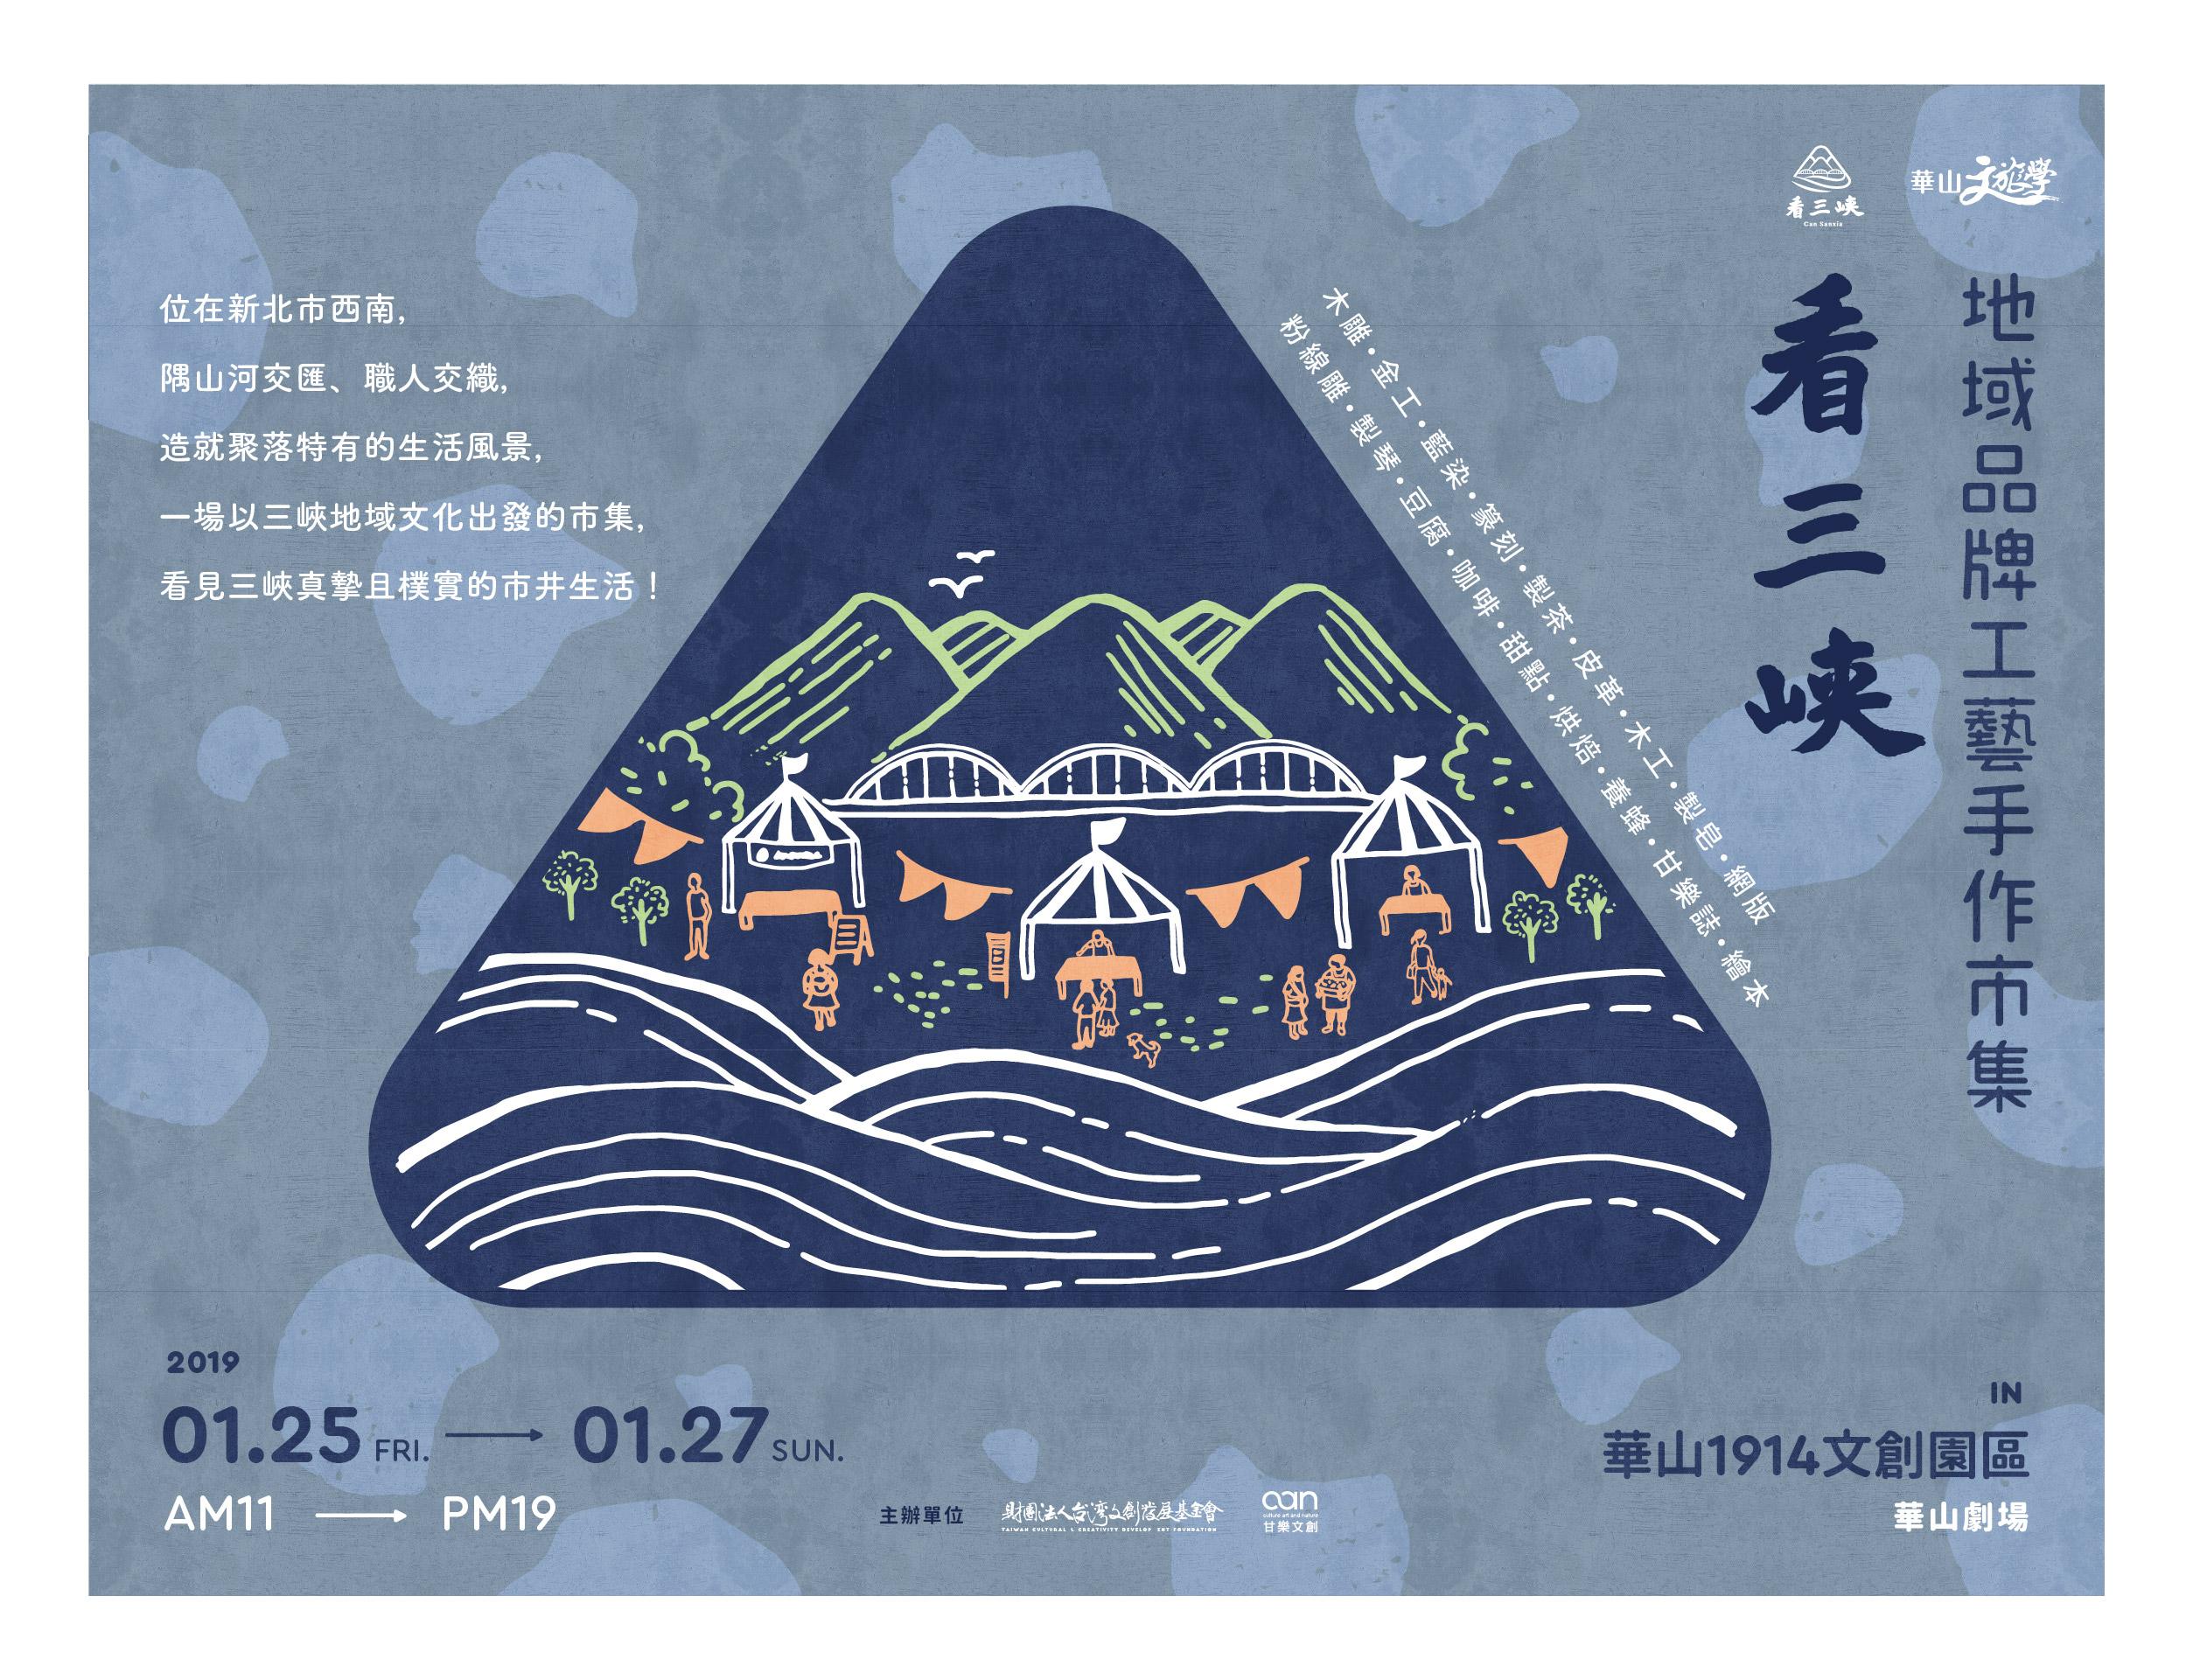 看三峽 地域品牌建構出雛型後,獲得台灣文創發展基金會邀請,共同籌辦以三峽地區工藝、手作、飲食為主題的工藝品牌市集,宣傳三峽地域傳統工藝職人品牌與三峽聚落體驗遊程。我們以「看三峽」為名,邀請在地工藝職人、手作品牌共同參與,2019 /1月底將在華山廣場舉辦市集活動。期盼透過華山文創園區的人潮有效推播三峽工藝文化與聚落生活魅力,創造台北都會區、國內外遊客與三峽產生更深的連結,未來一次次遊訪三峽,帶動地域文化消費,讓傳統工藝有延續的新契機。 | 甘樂文創 | 甘之如飴,樂在其中